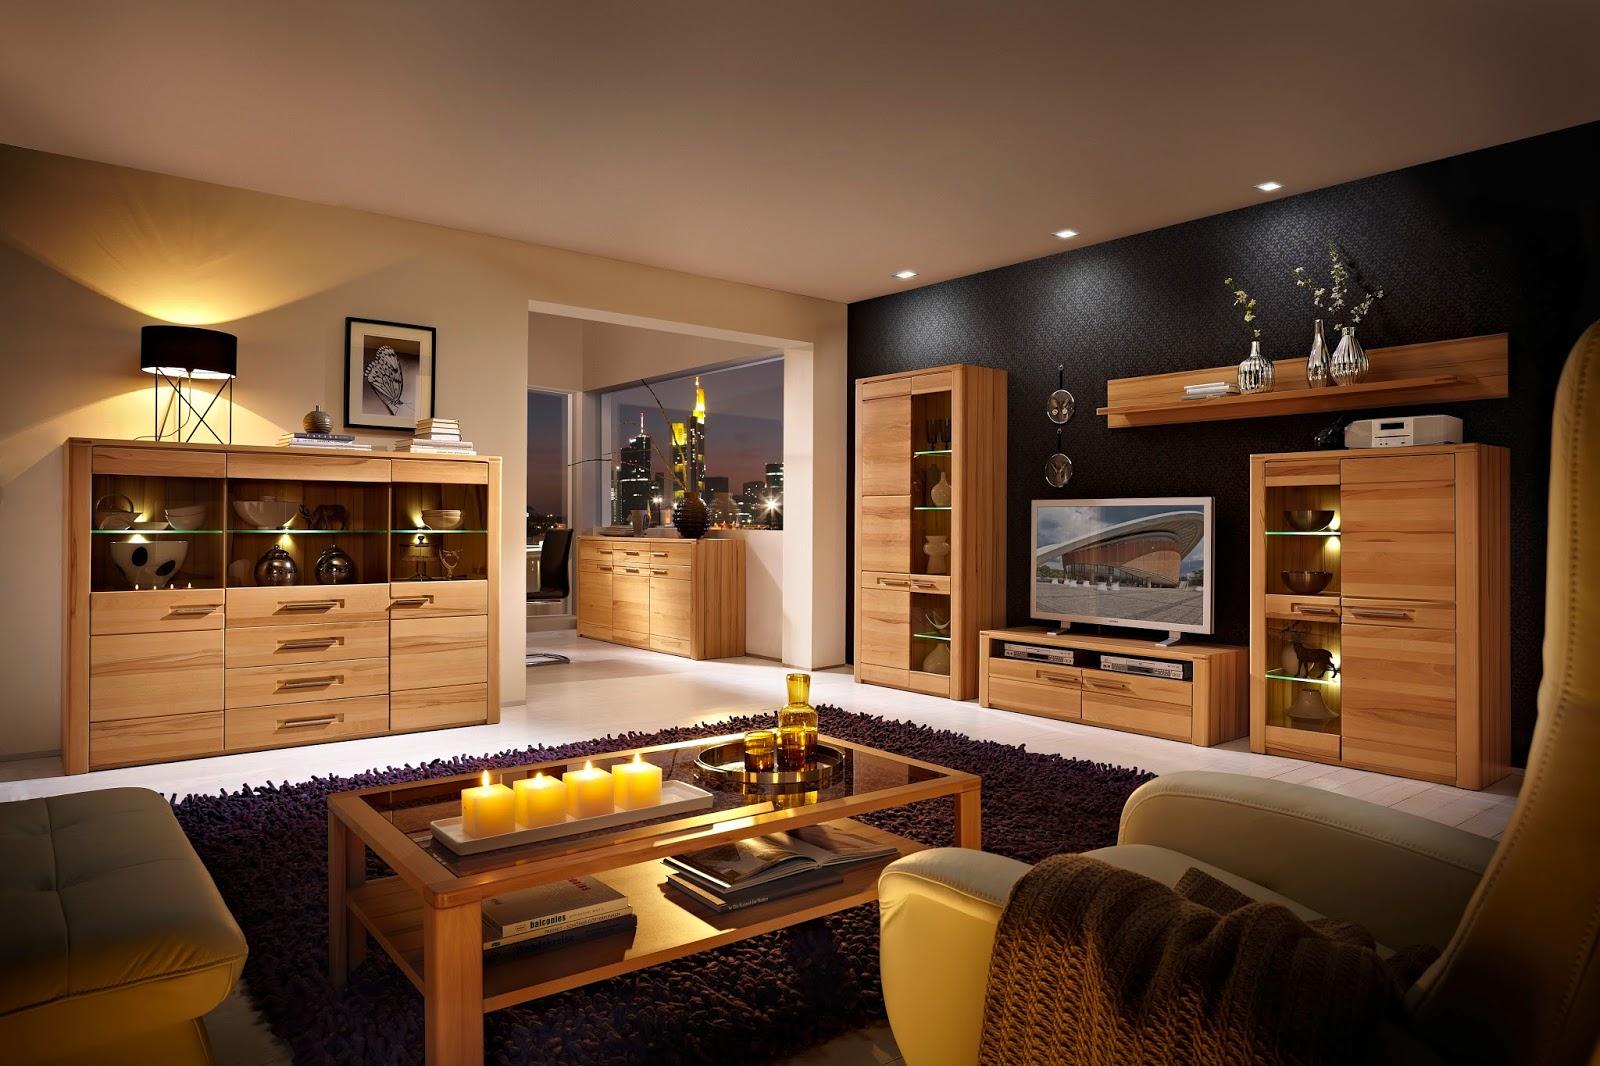 wohnzimmer beleuchtung planen - home creation